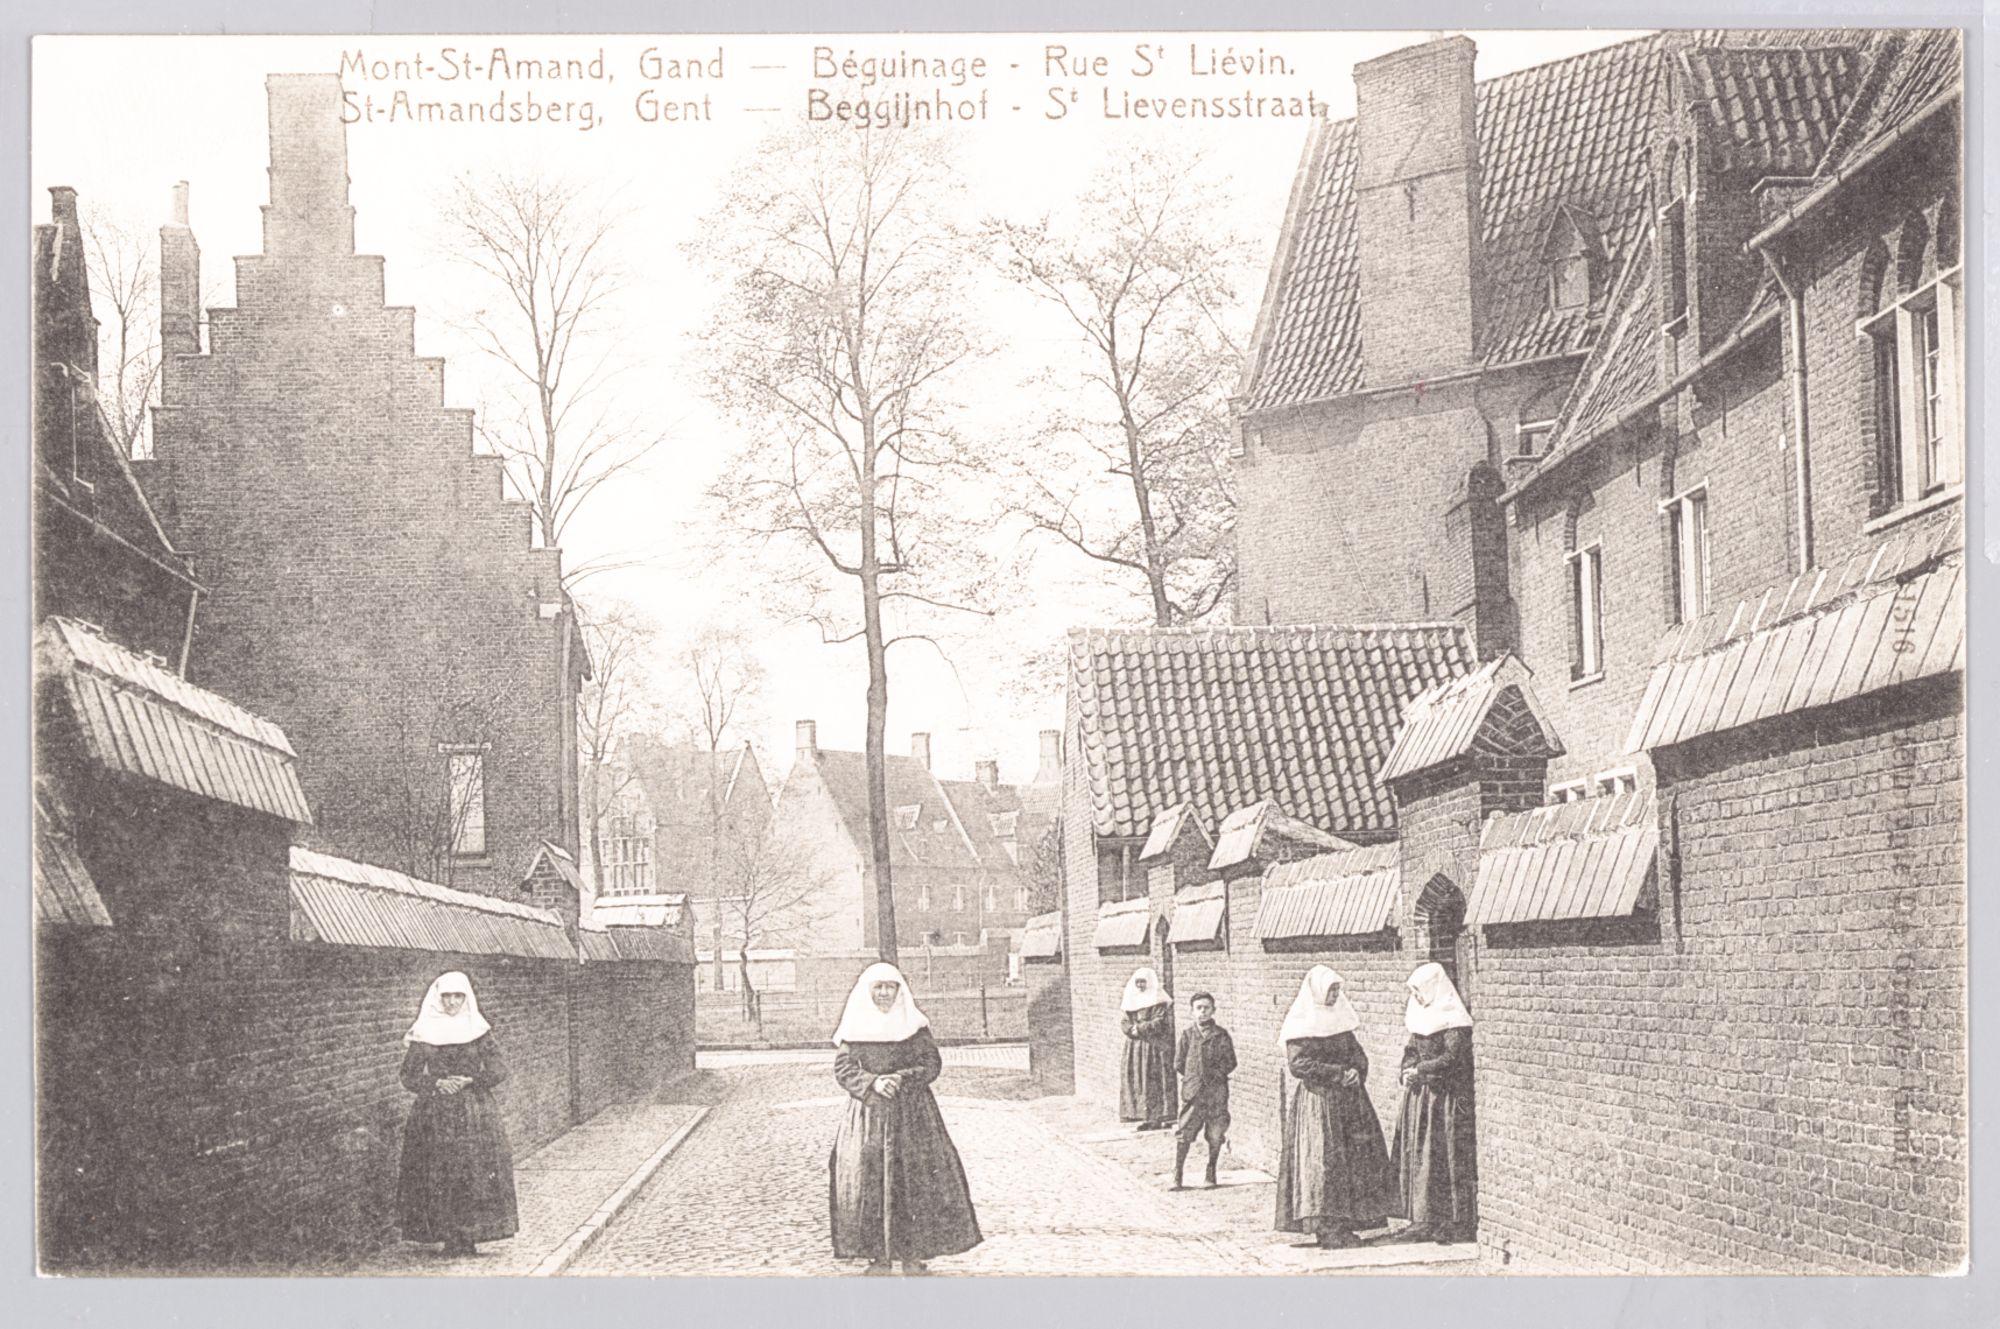 Sint-Amandsberg: Groot Begijnhof: Sint-Lievensstraat